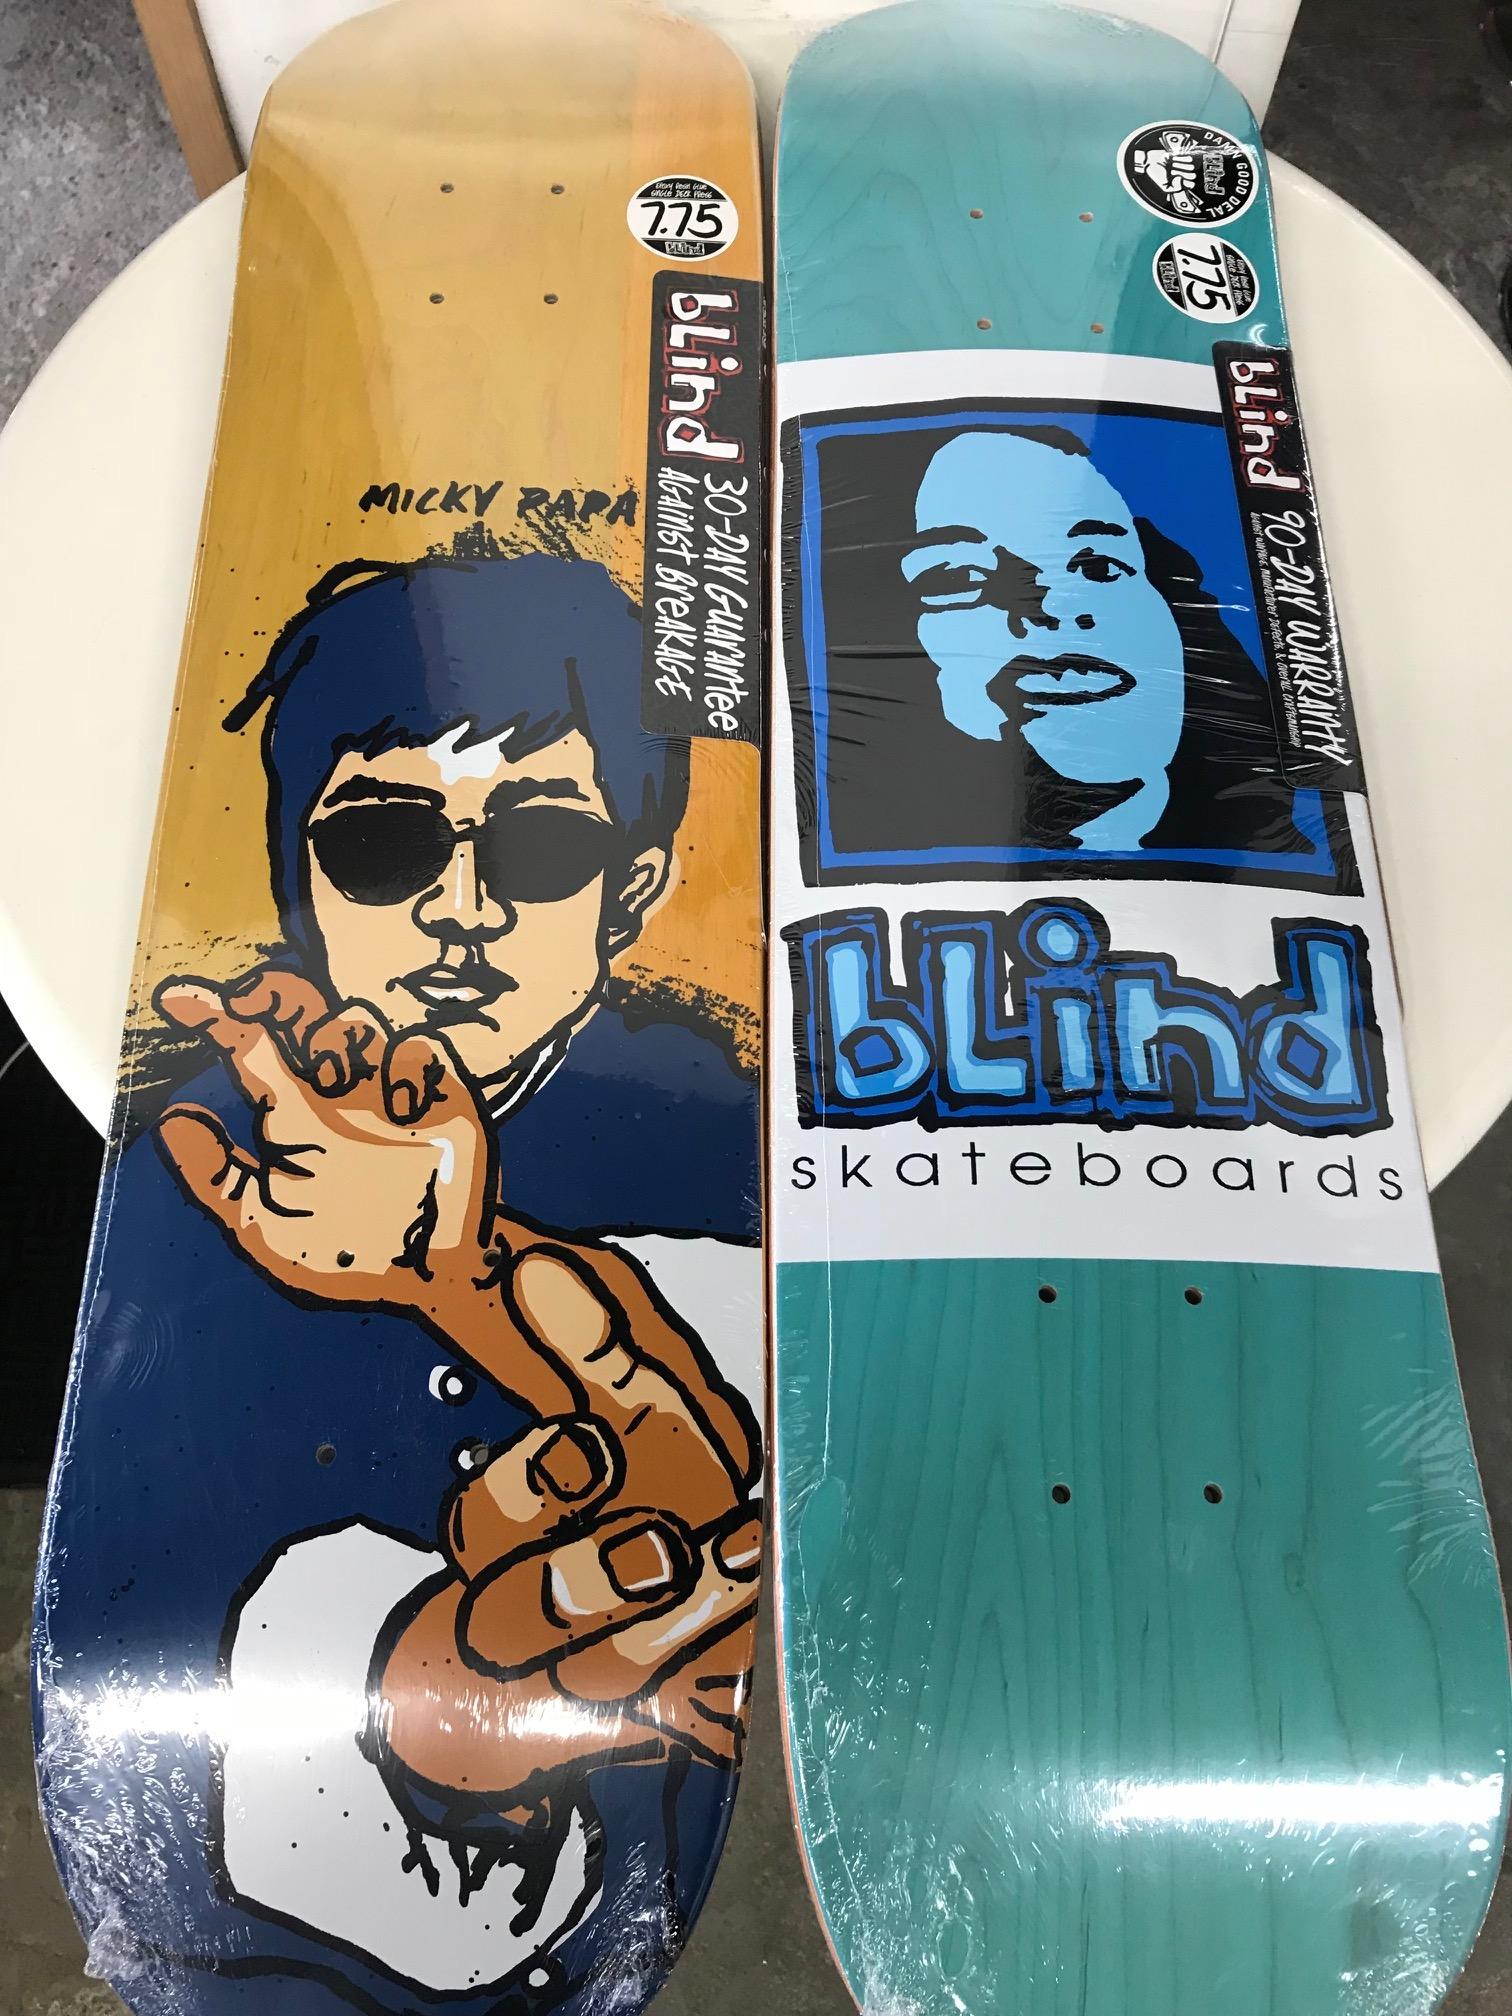 スケートアイテム SANTACRUZ、PRIMITIVE Skateboards、PlanB、REAL、GIRL、BLIND、VENTURE、SPITFIRE入荷しました!!